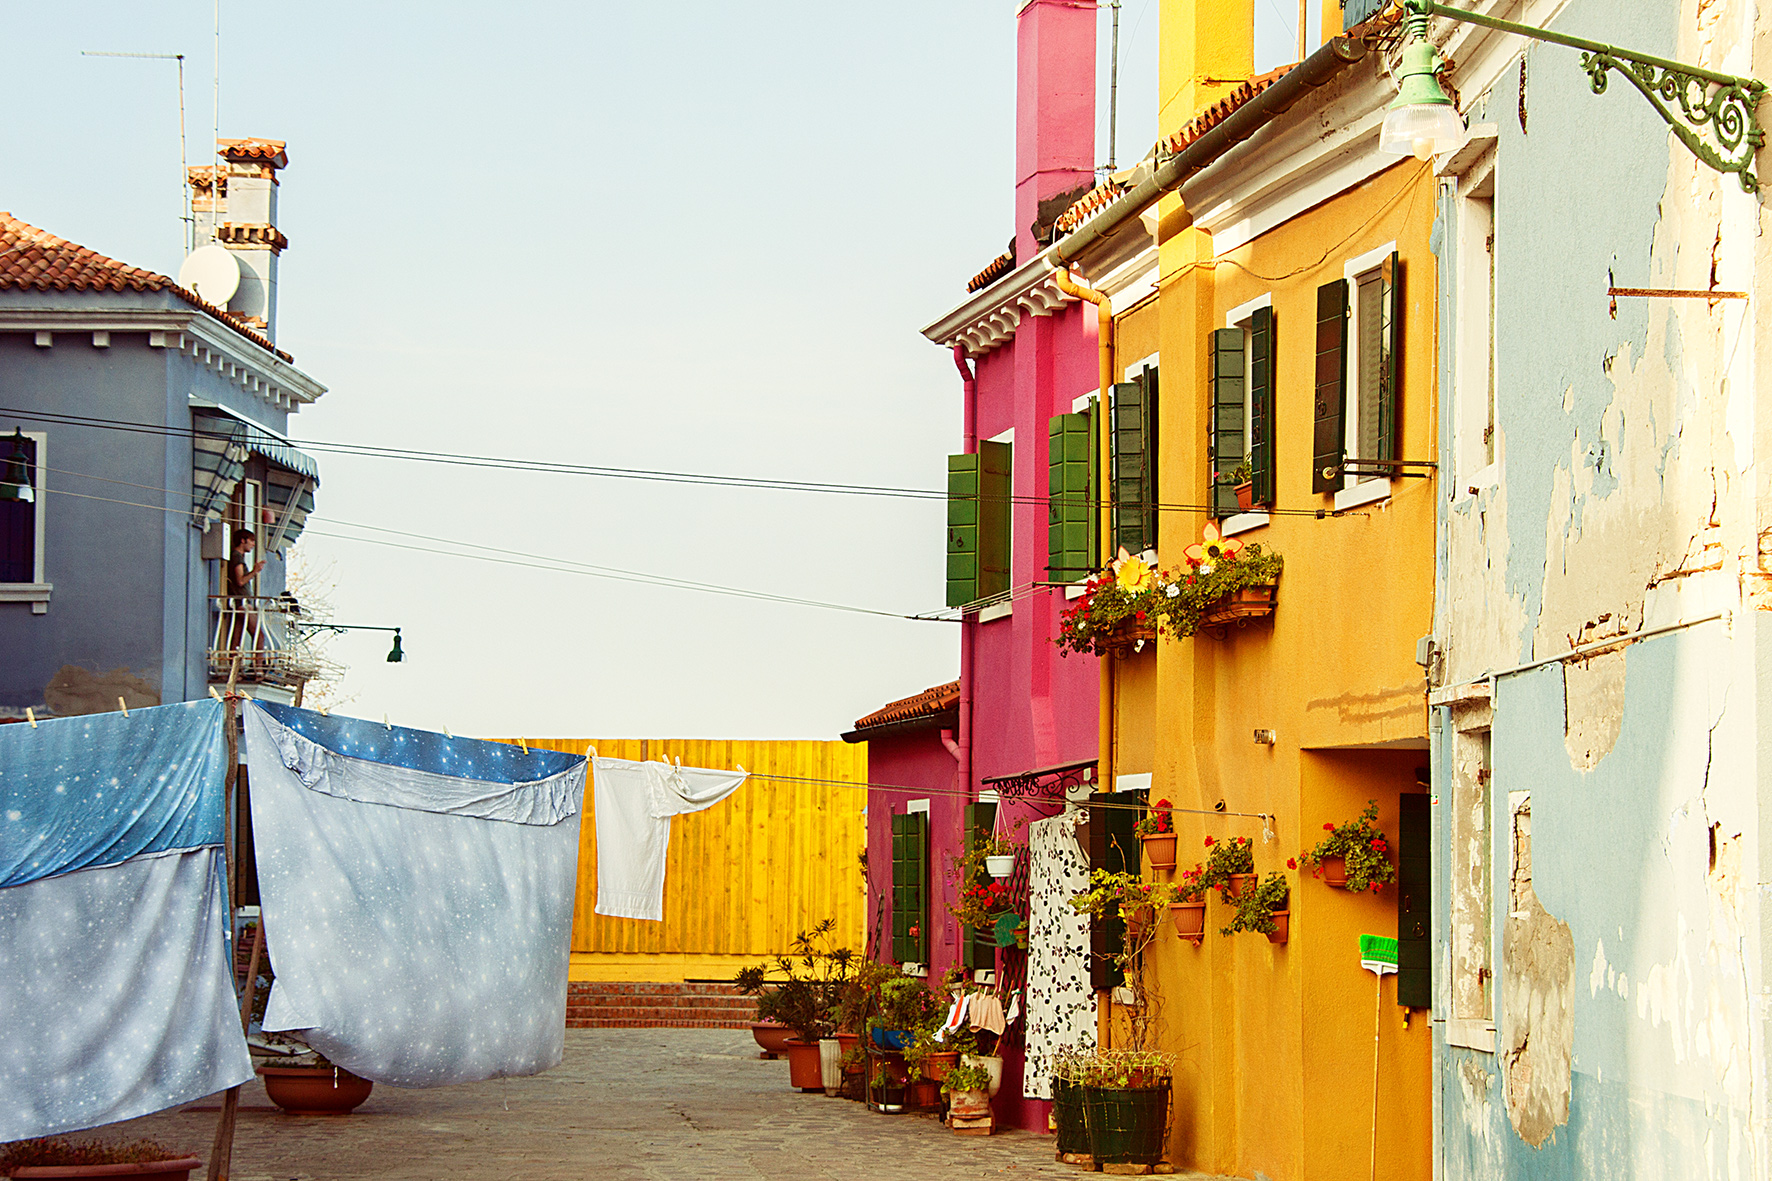 Italie, Murano. 2010